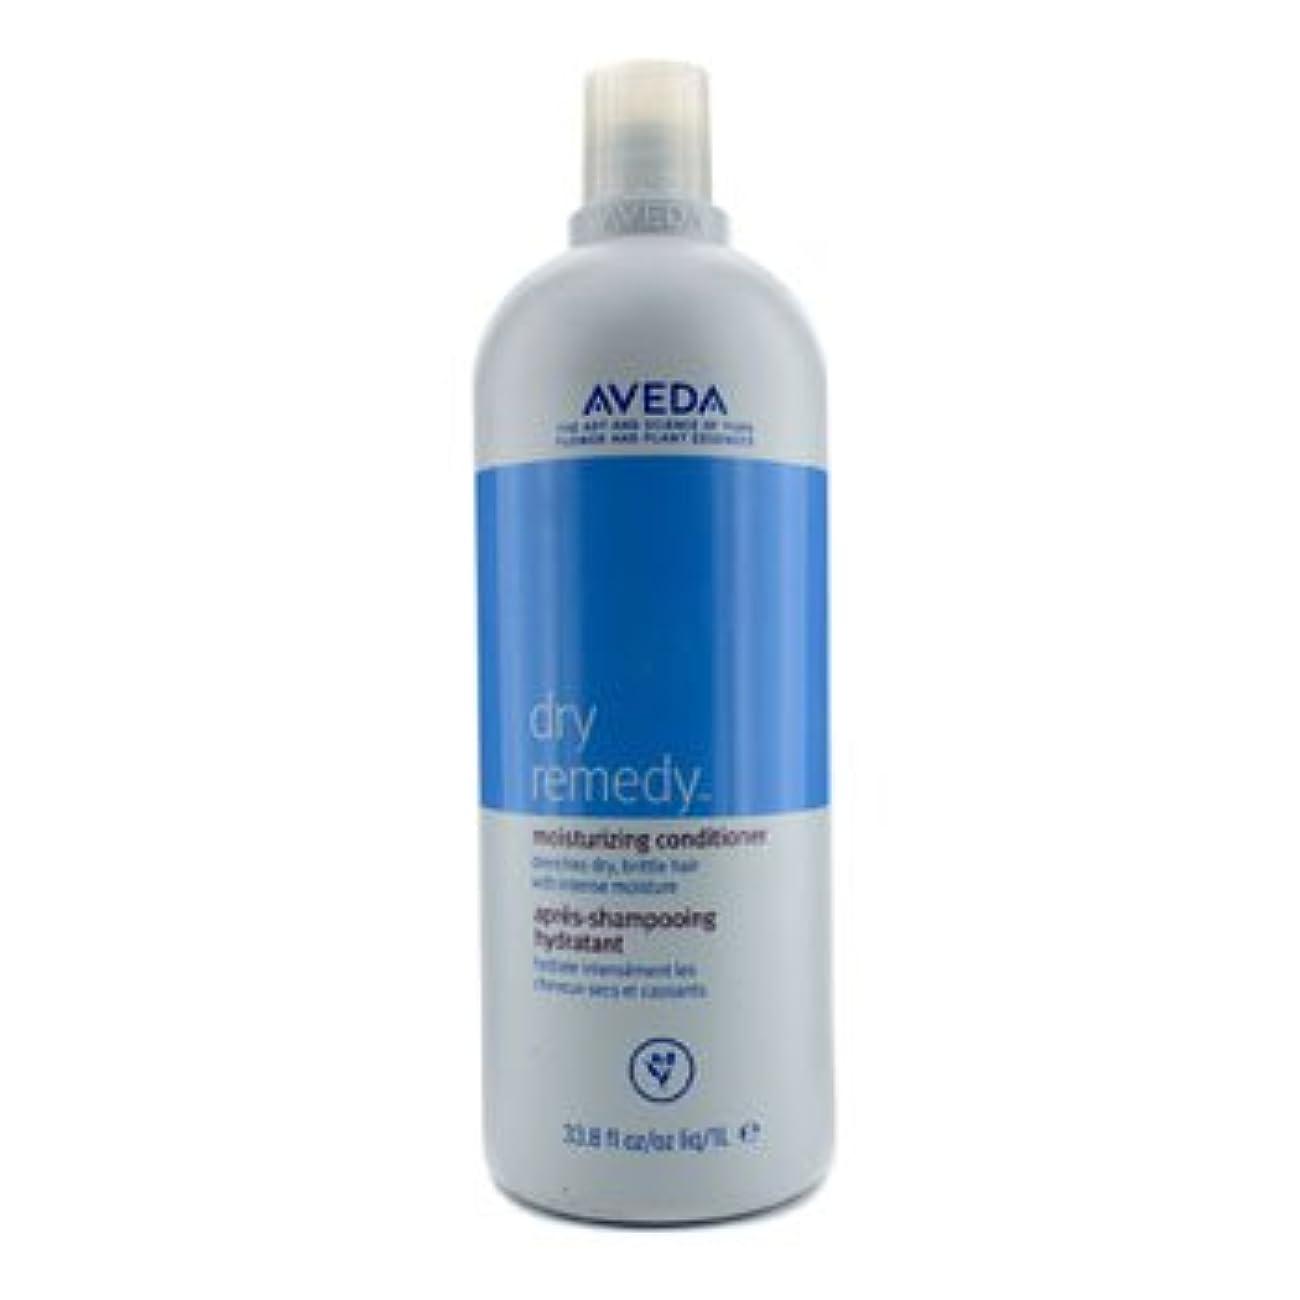 社会学冊子避けられない[Aveda] Dry Remedy Moisturizing Conditioner - For Drenches Dry Brittle Hair (New Packaging) 1000ml/33.8oz